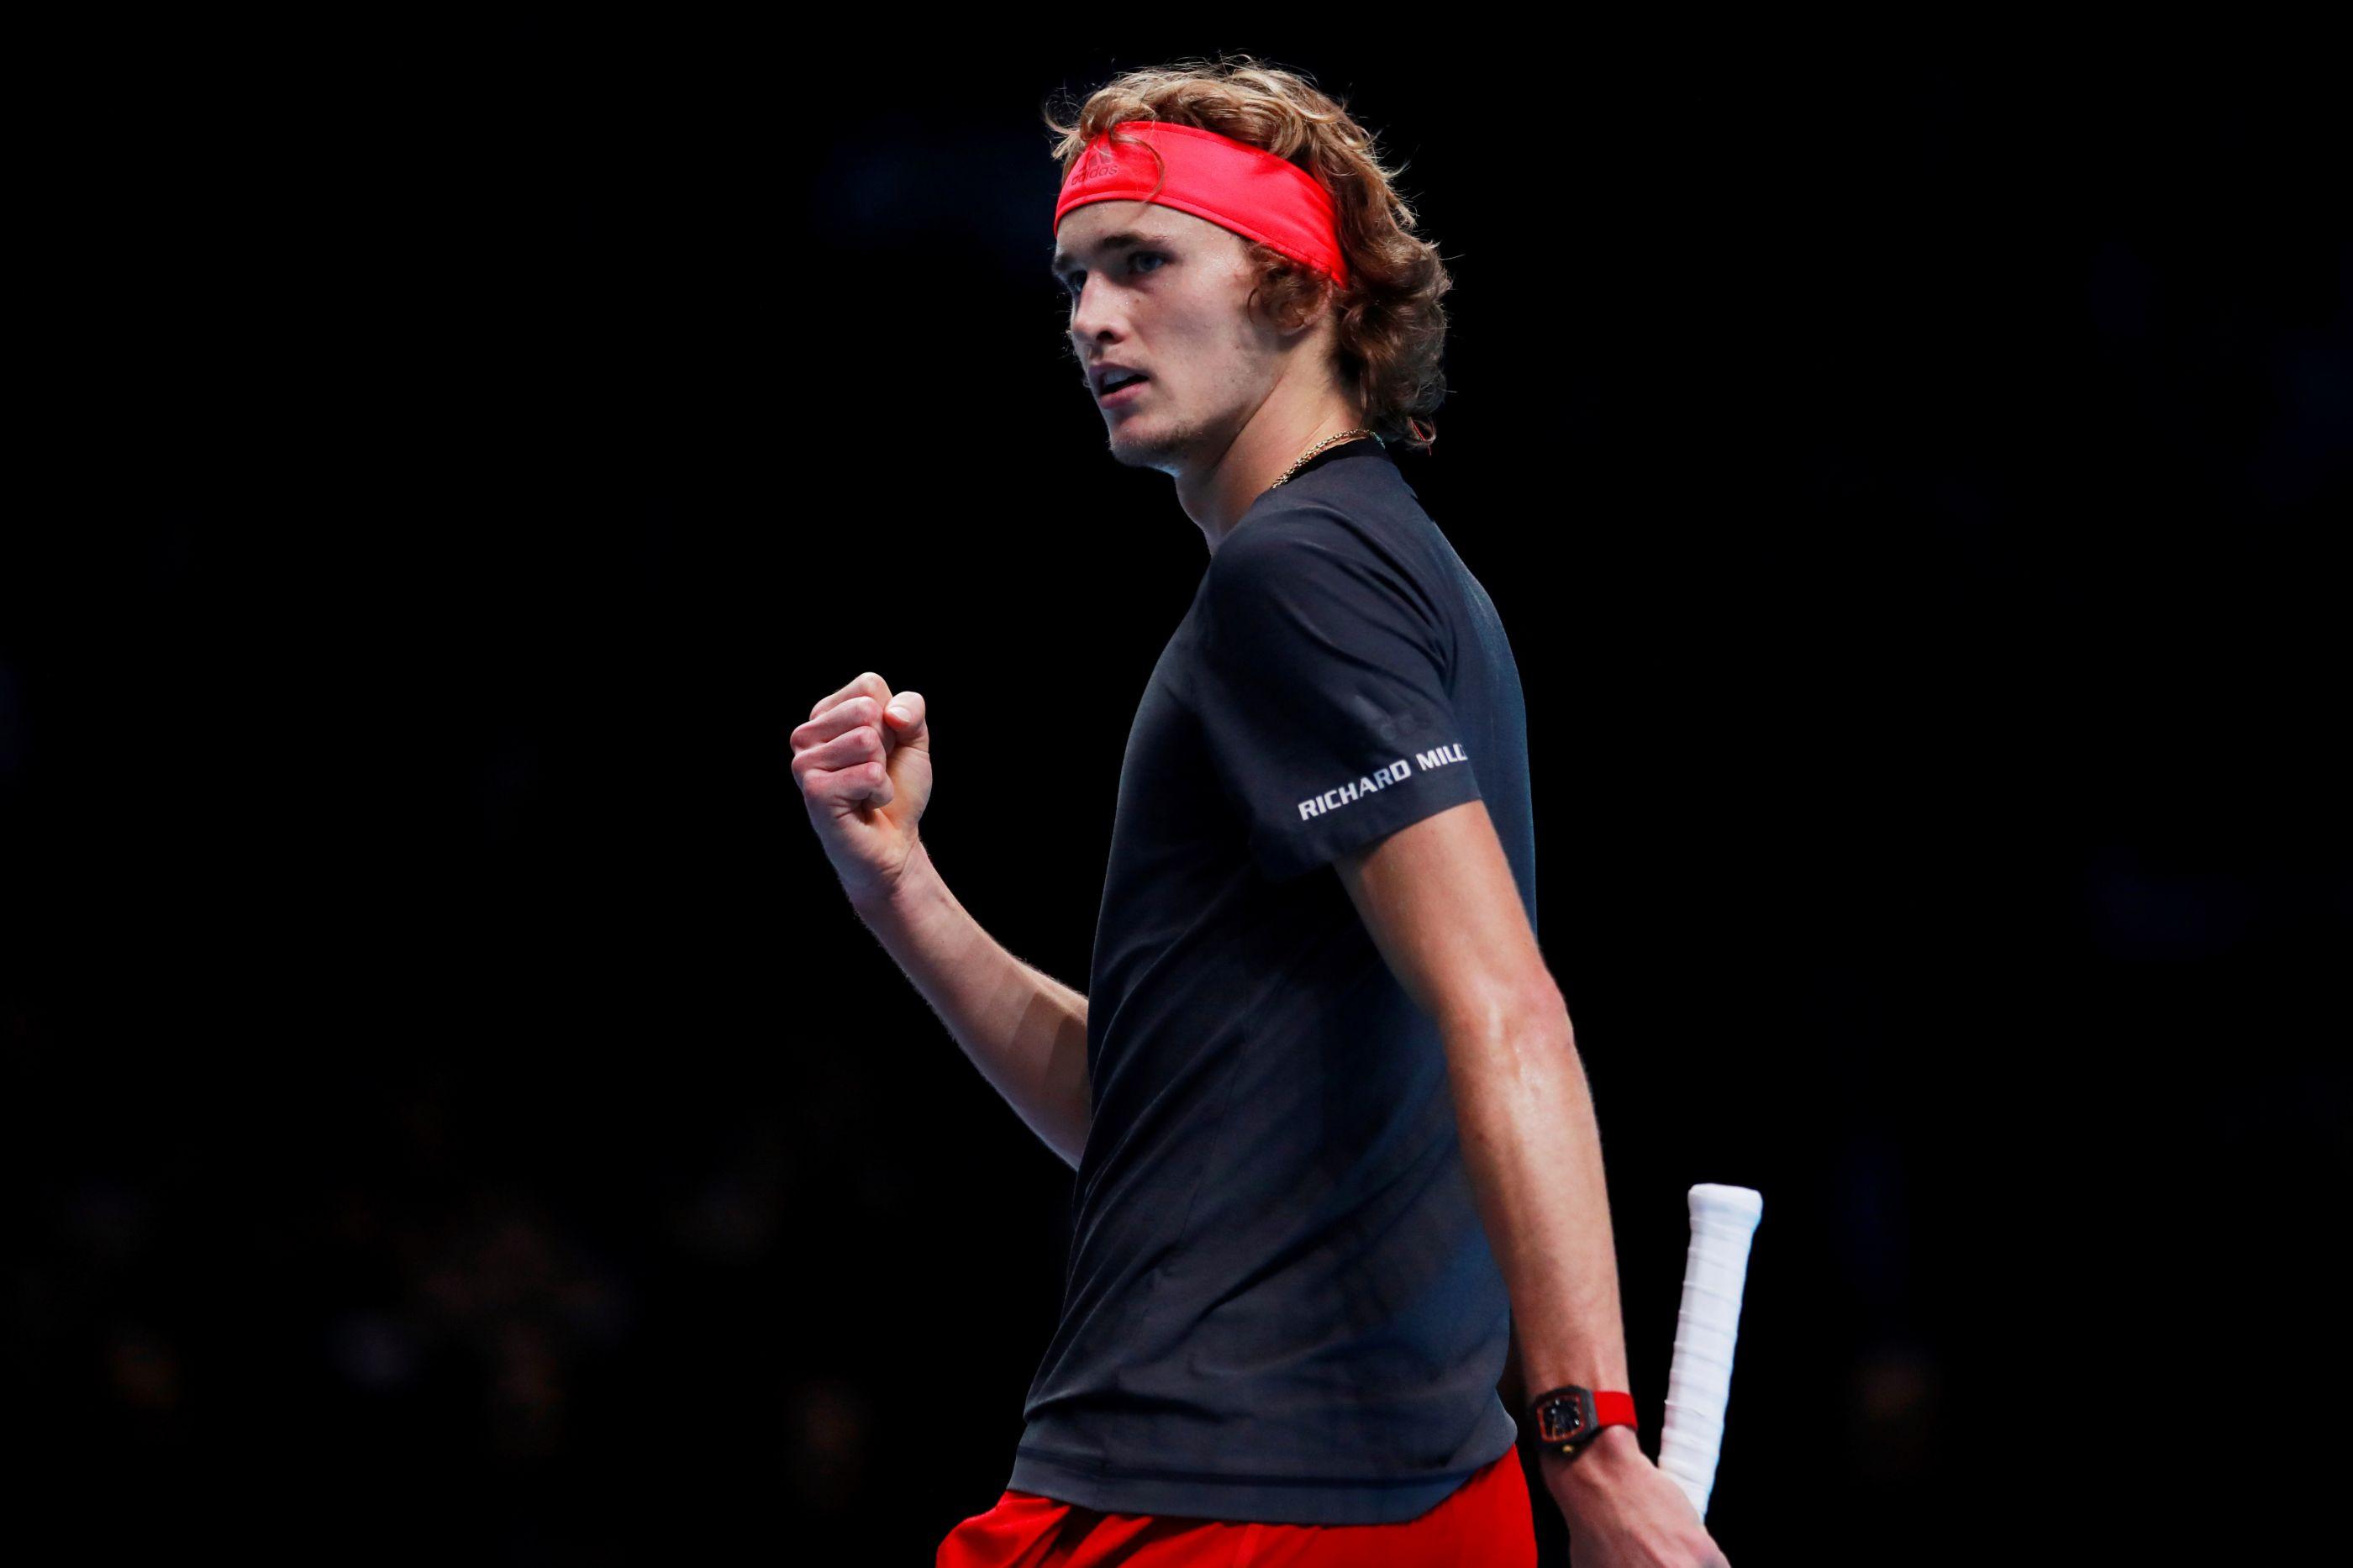 Alexander Zverev vence Djokovic e conquista ATP Finals